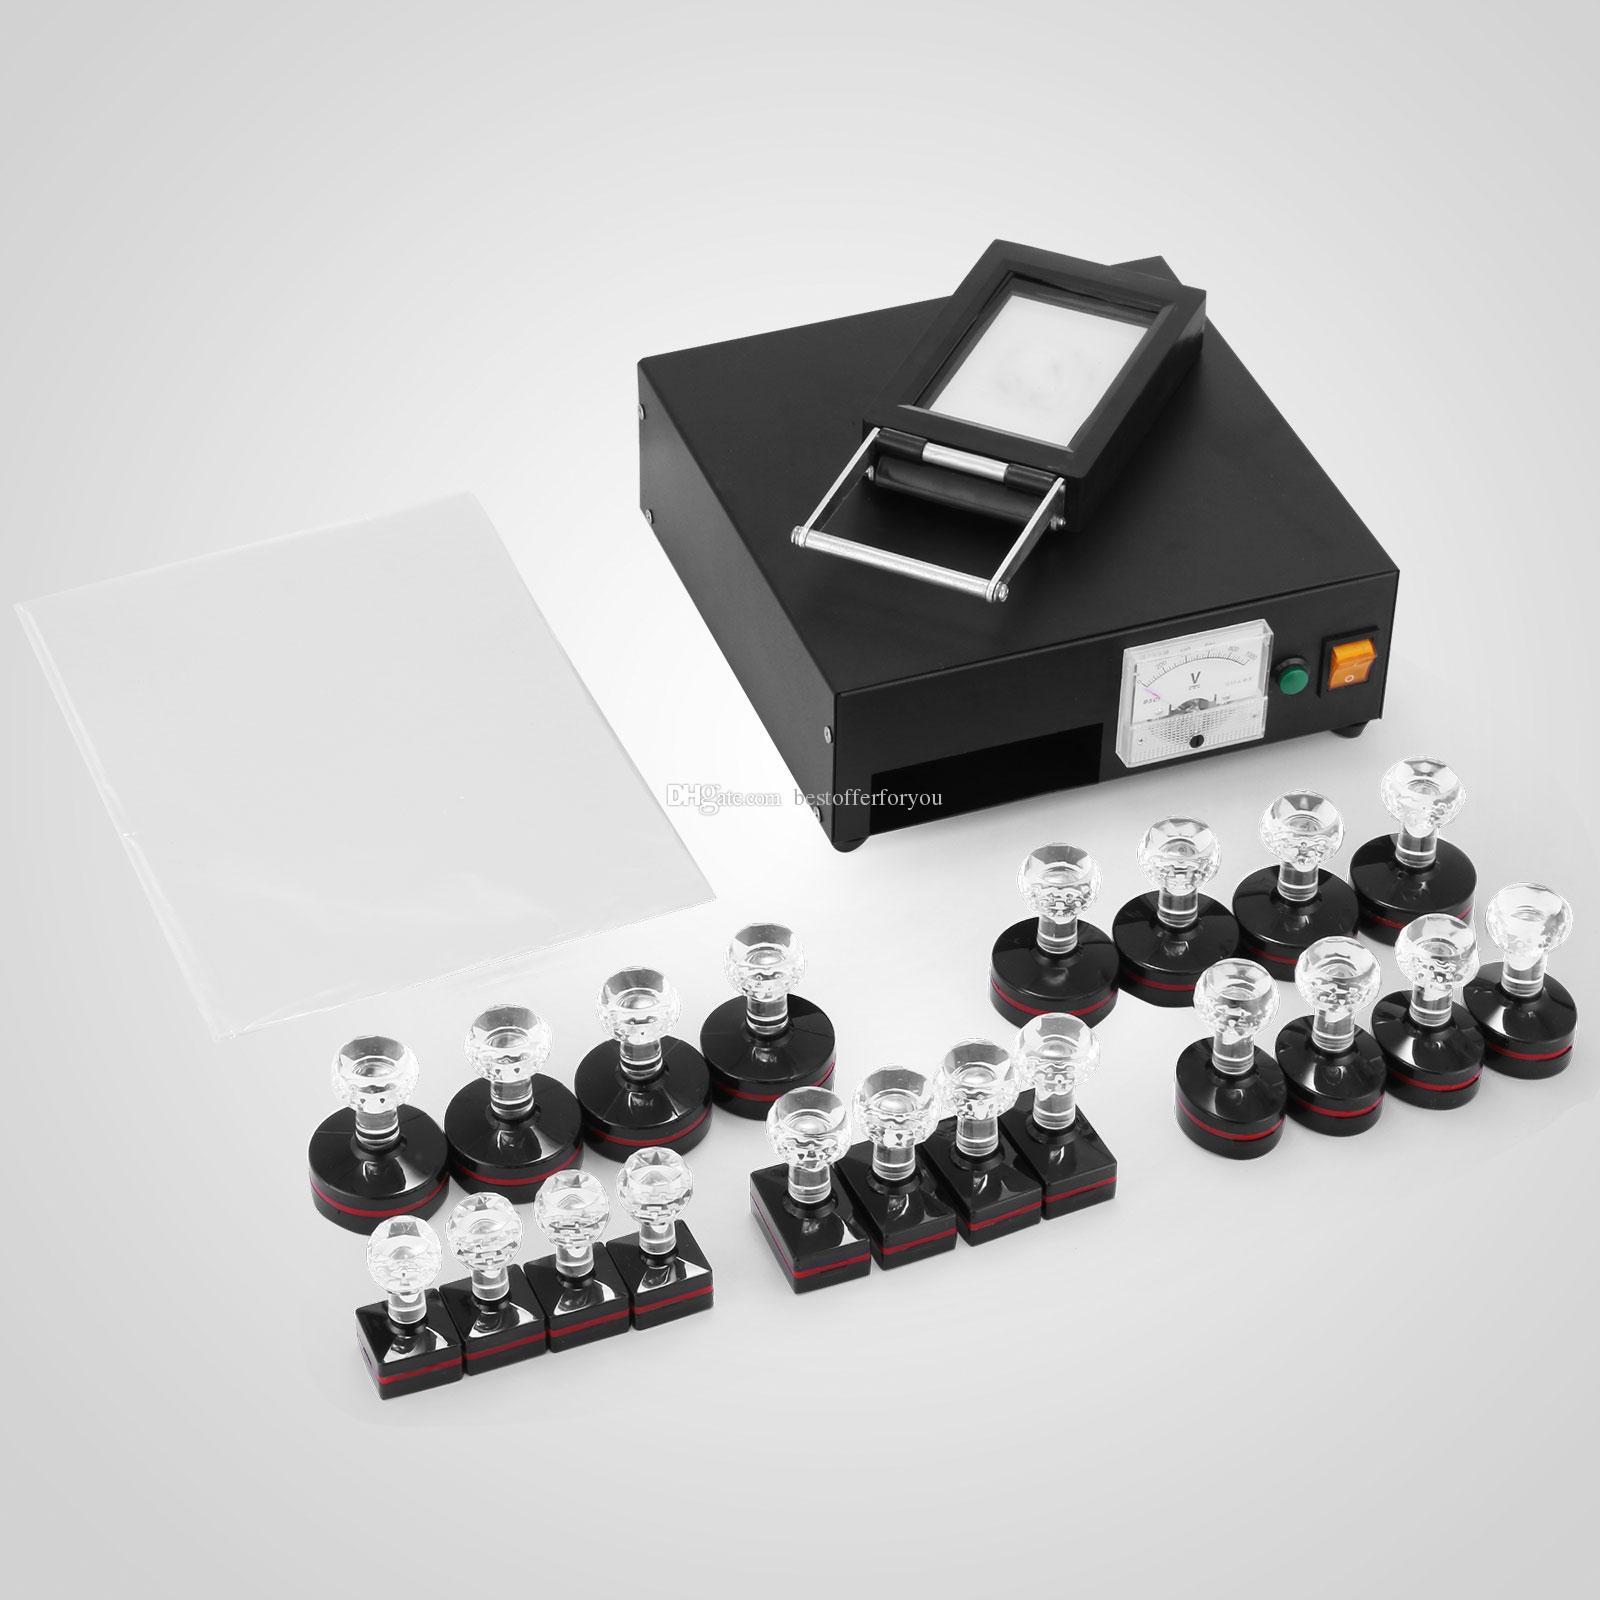 110V 220V Stamp Making Photosensitive Seal Machine Kit Optical Principle Digital Maker Set Hot Sale Buy Online Buying Postage From